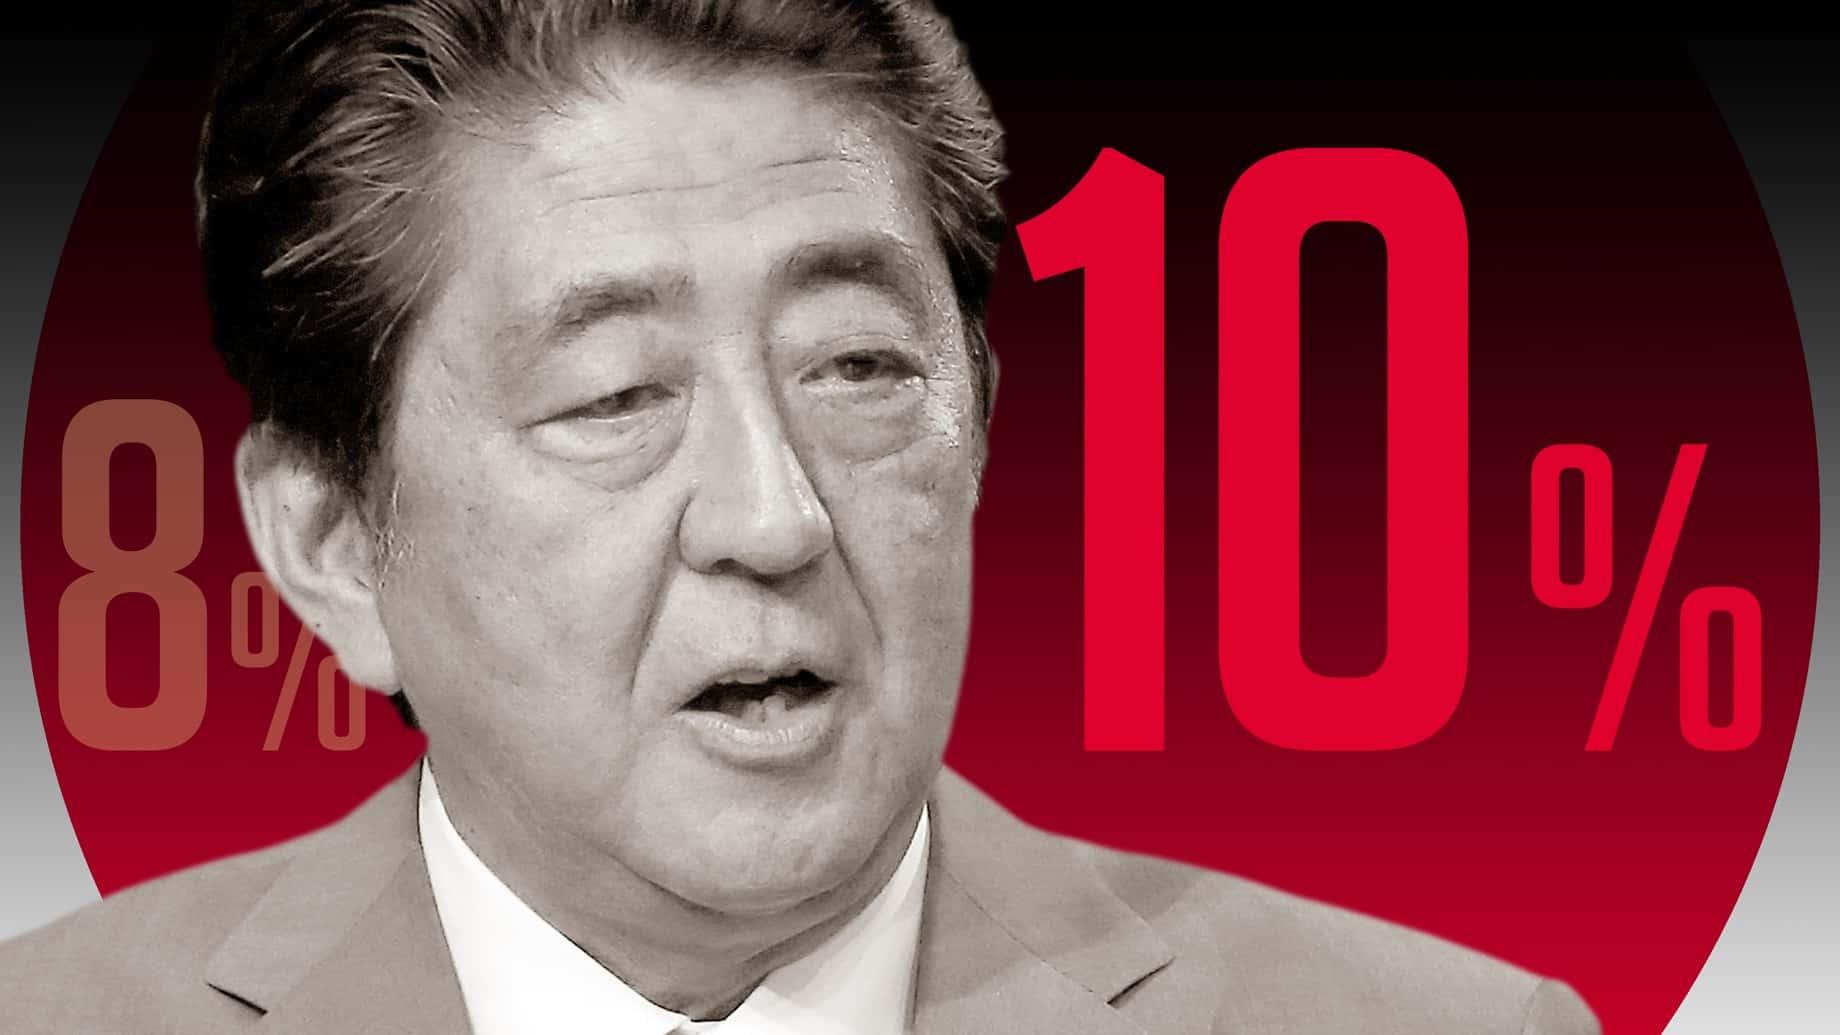 ญี่ปุ่นขึ้นภาษีการบริโภค จาก 8 % เป็น 10%